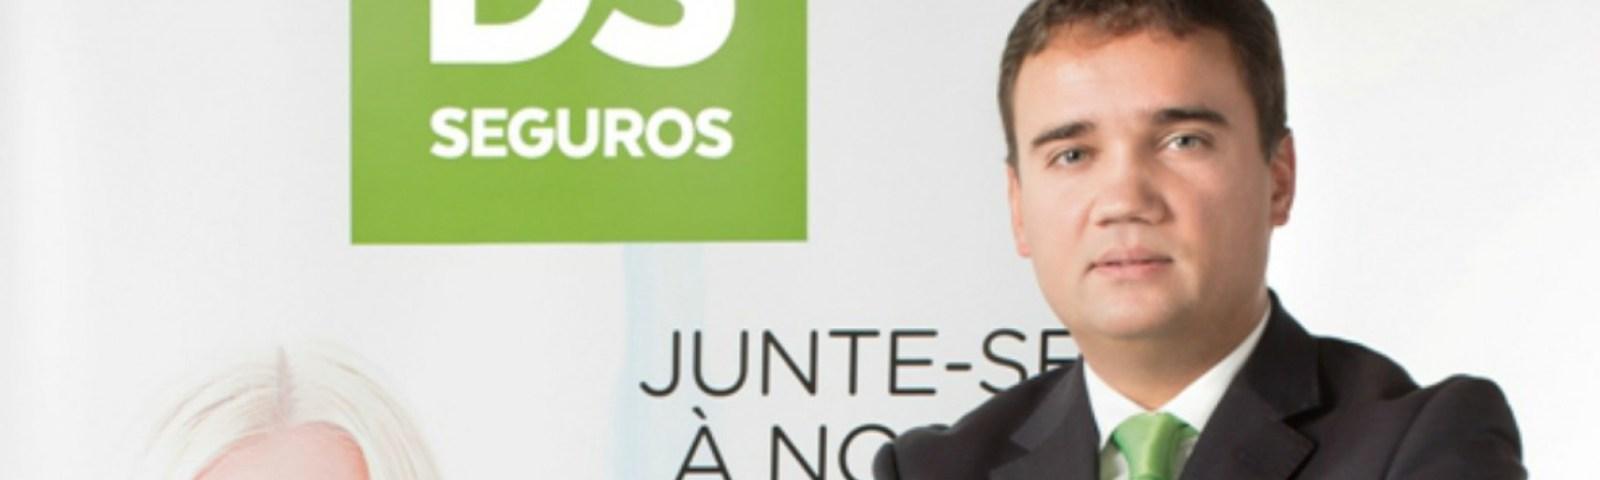 Franchising DS Seguros regista o melhor trimestre do ano